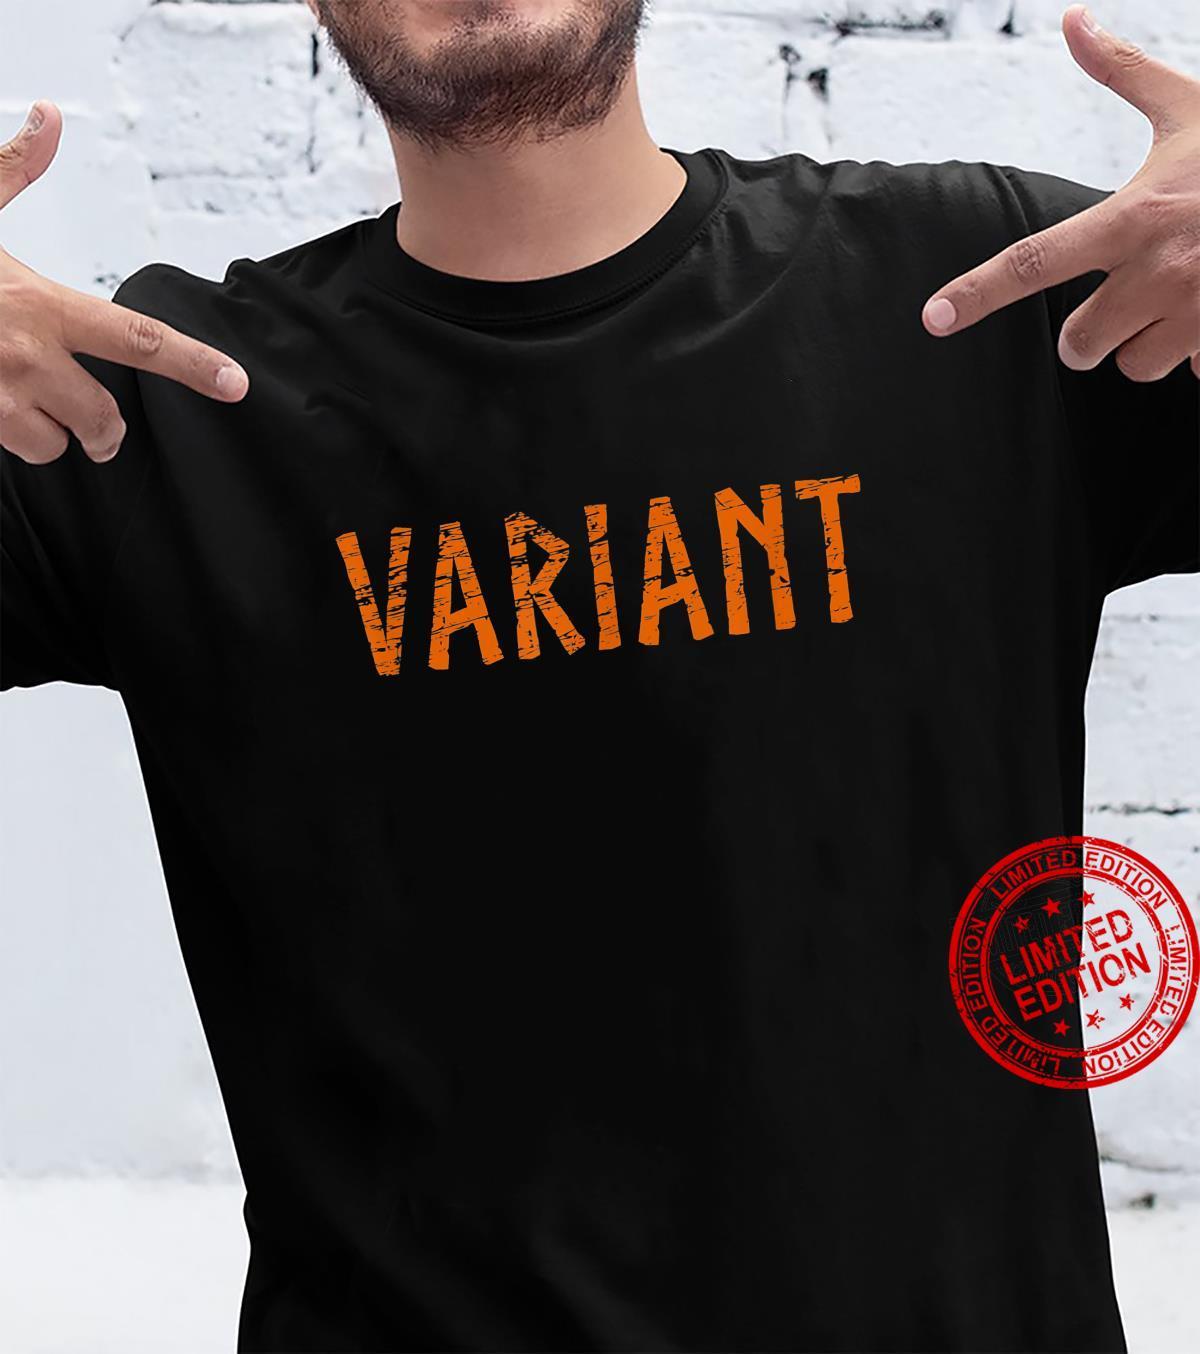 Variant of Loki From Viking Norse Mythology Shirt